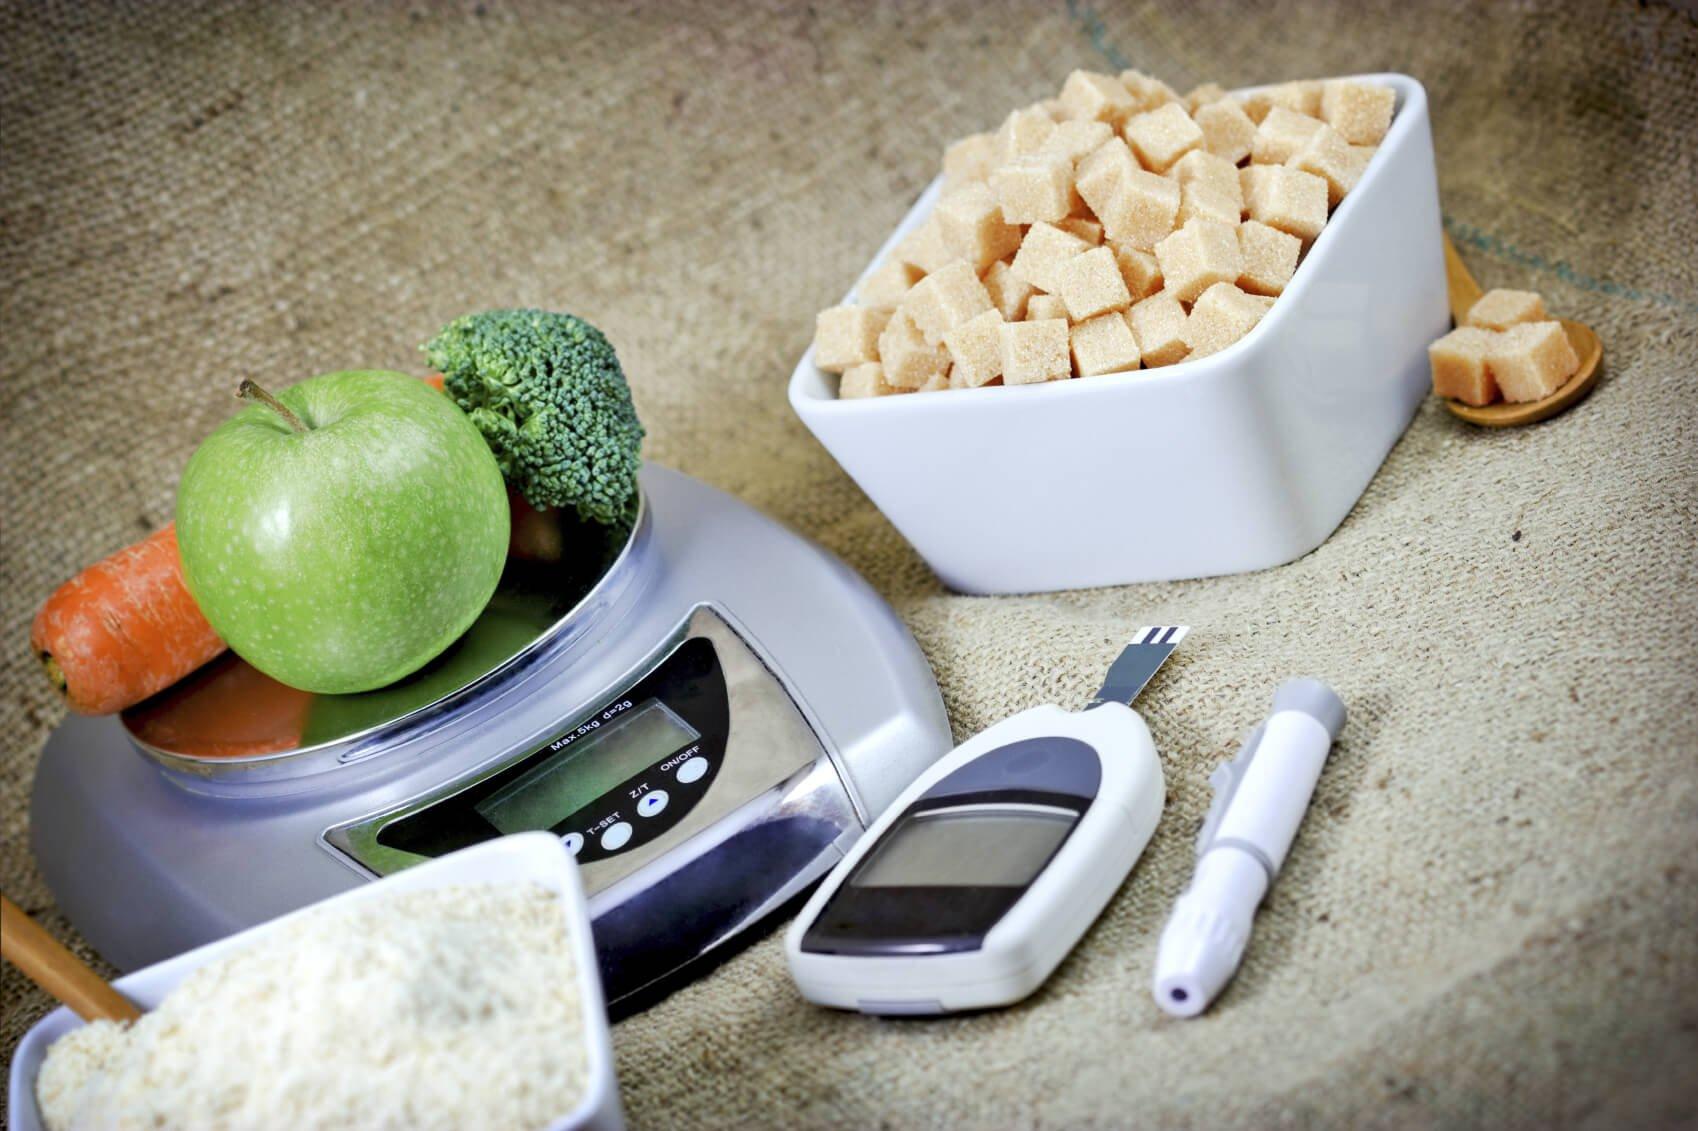 Правильное питание меню для очищения кишечника